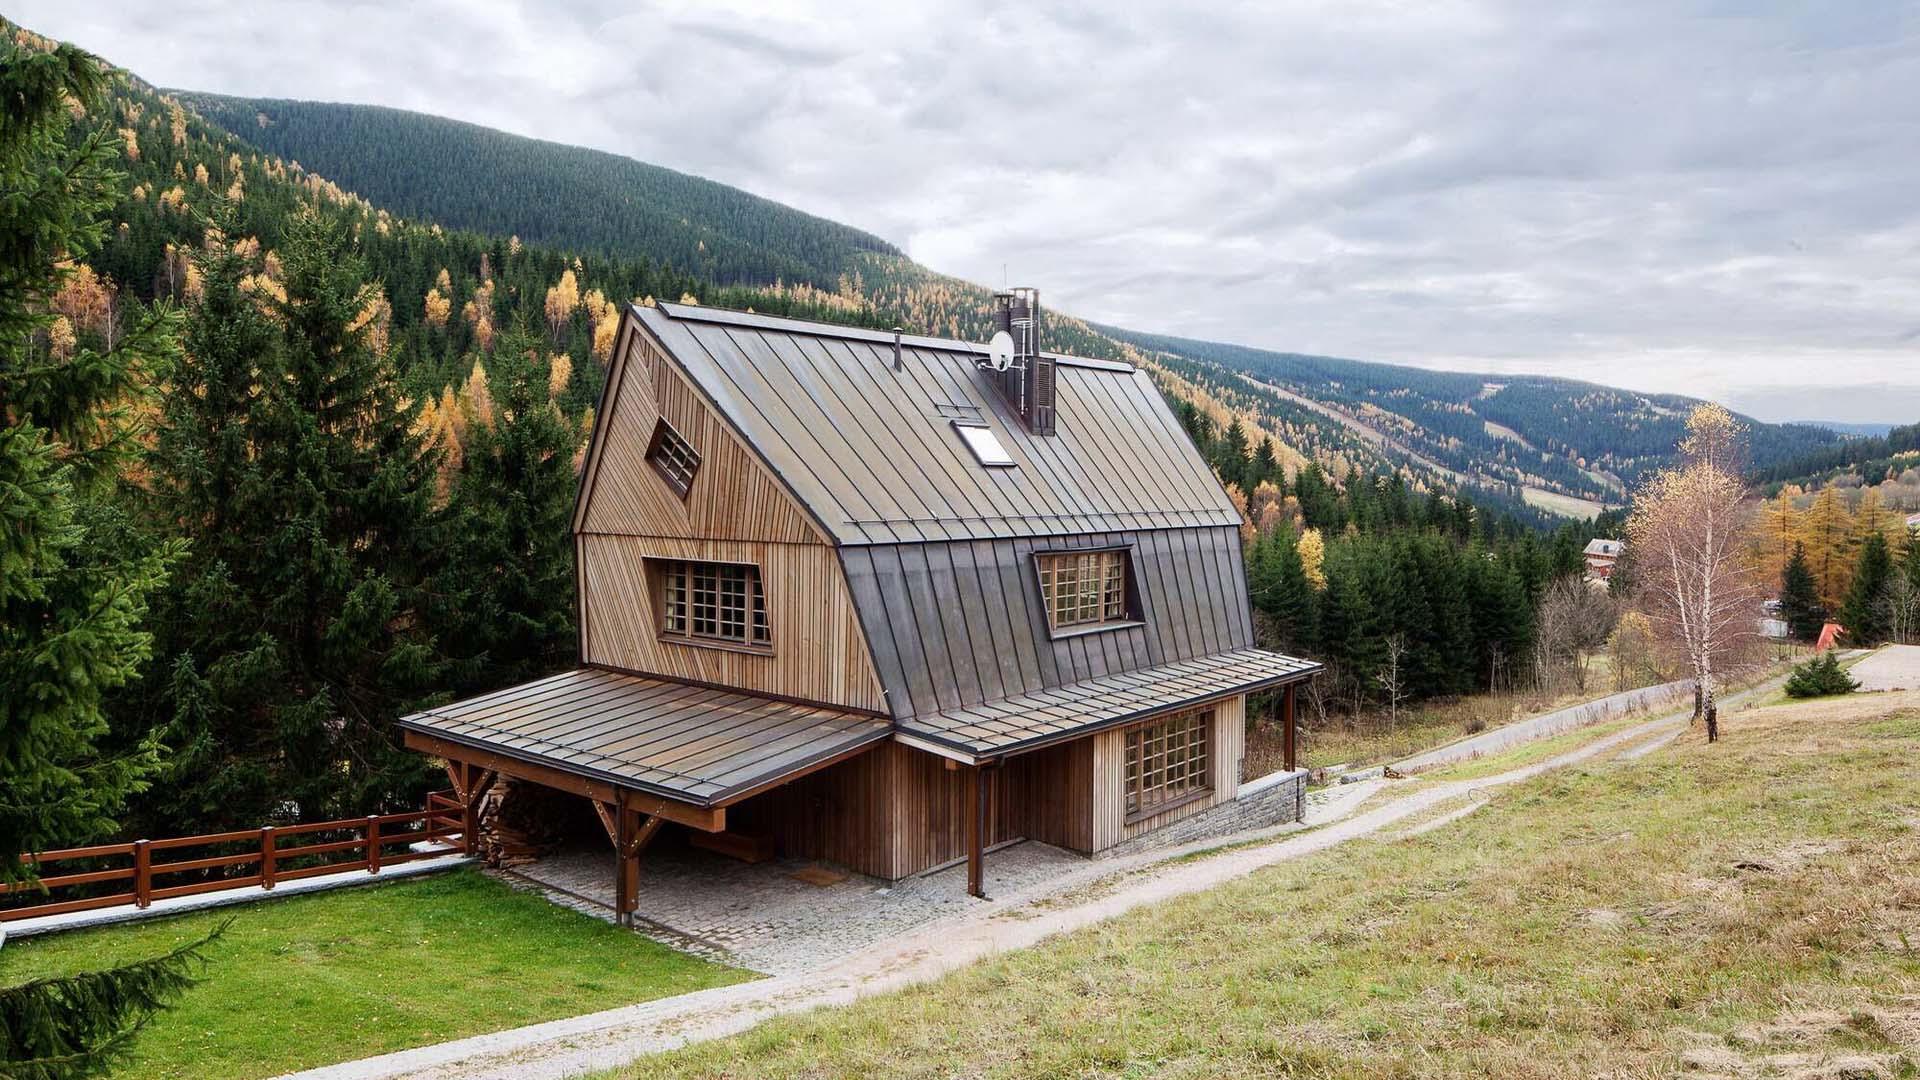 万方别墅健康生活种类线条外墙木屋图片